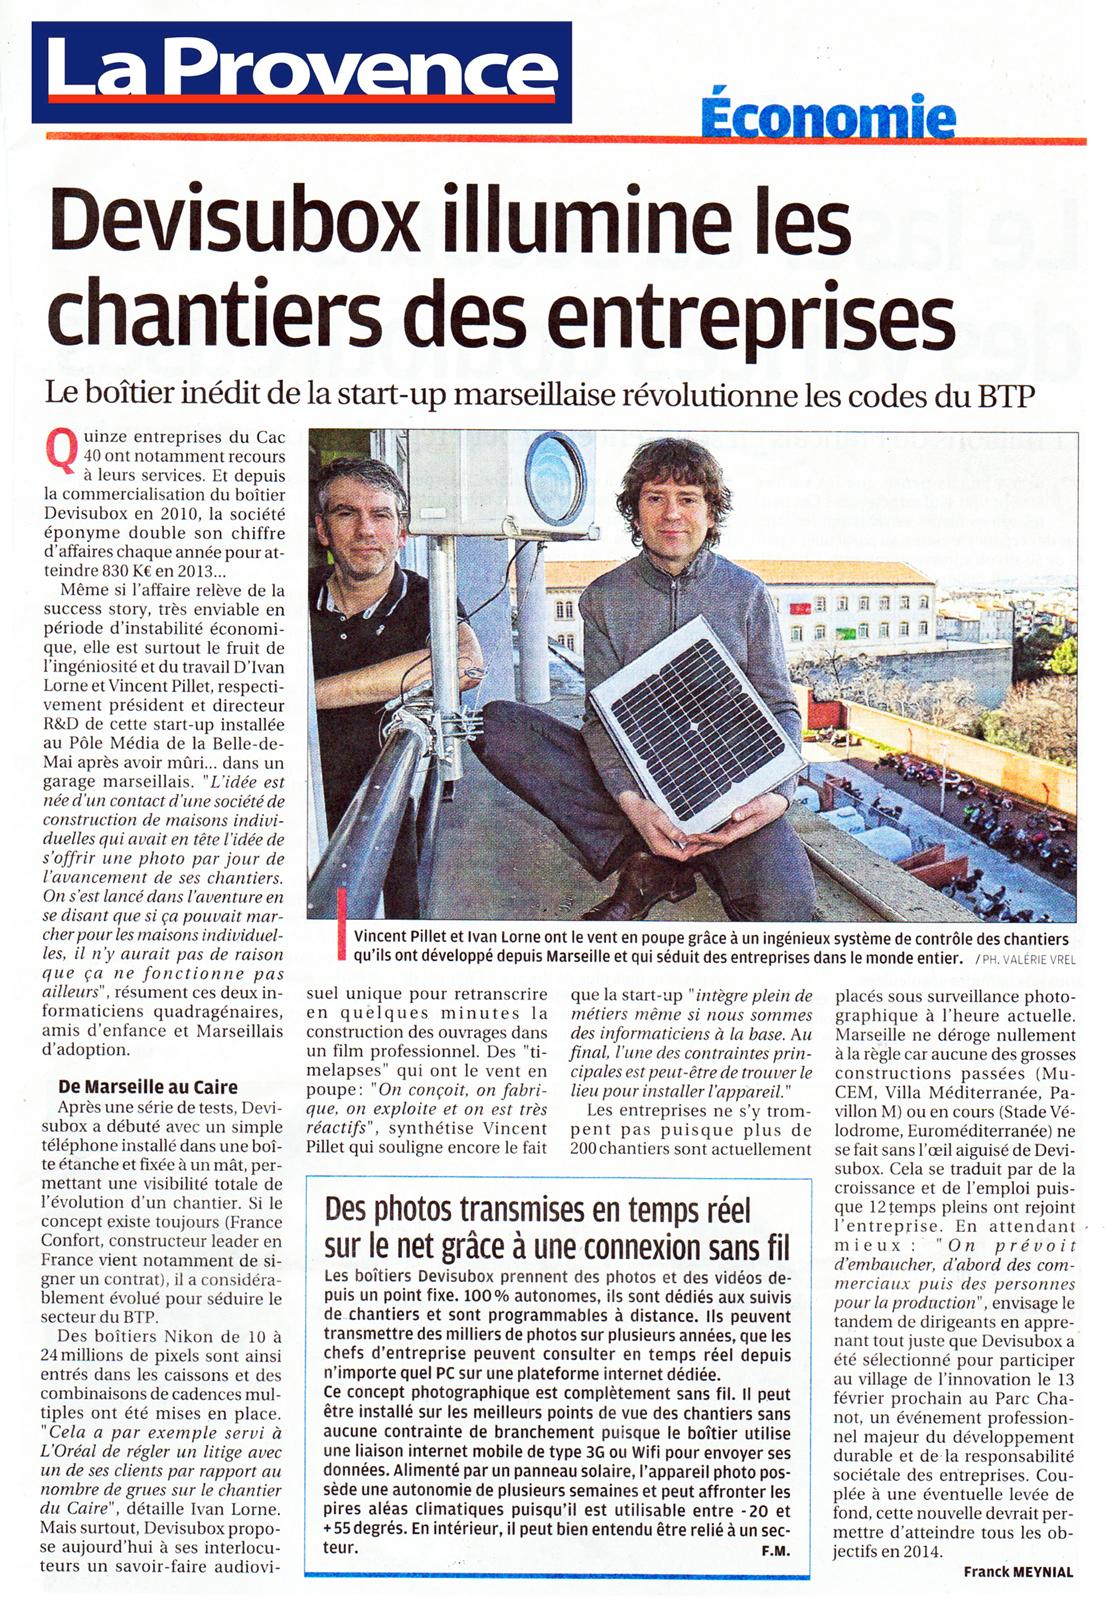 Interview Ivan LORNE, Vincent PILLET, La Provence, janvier 2014